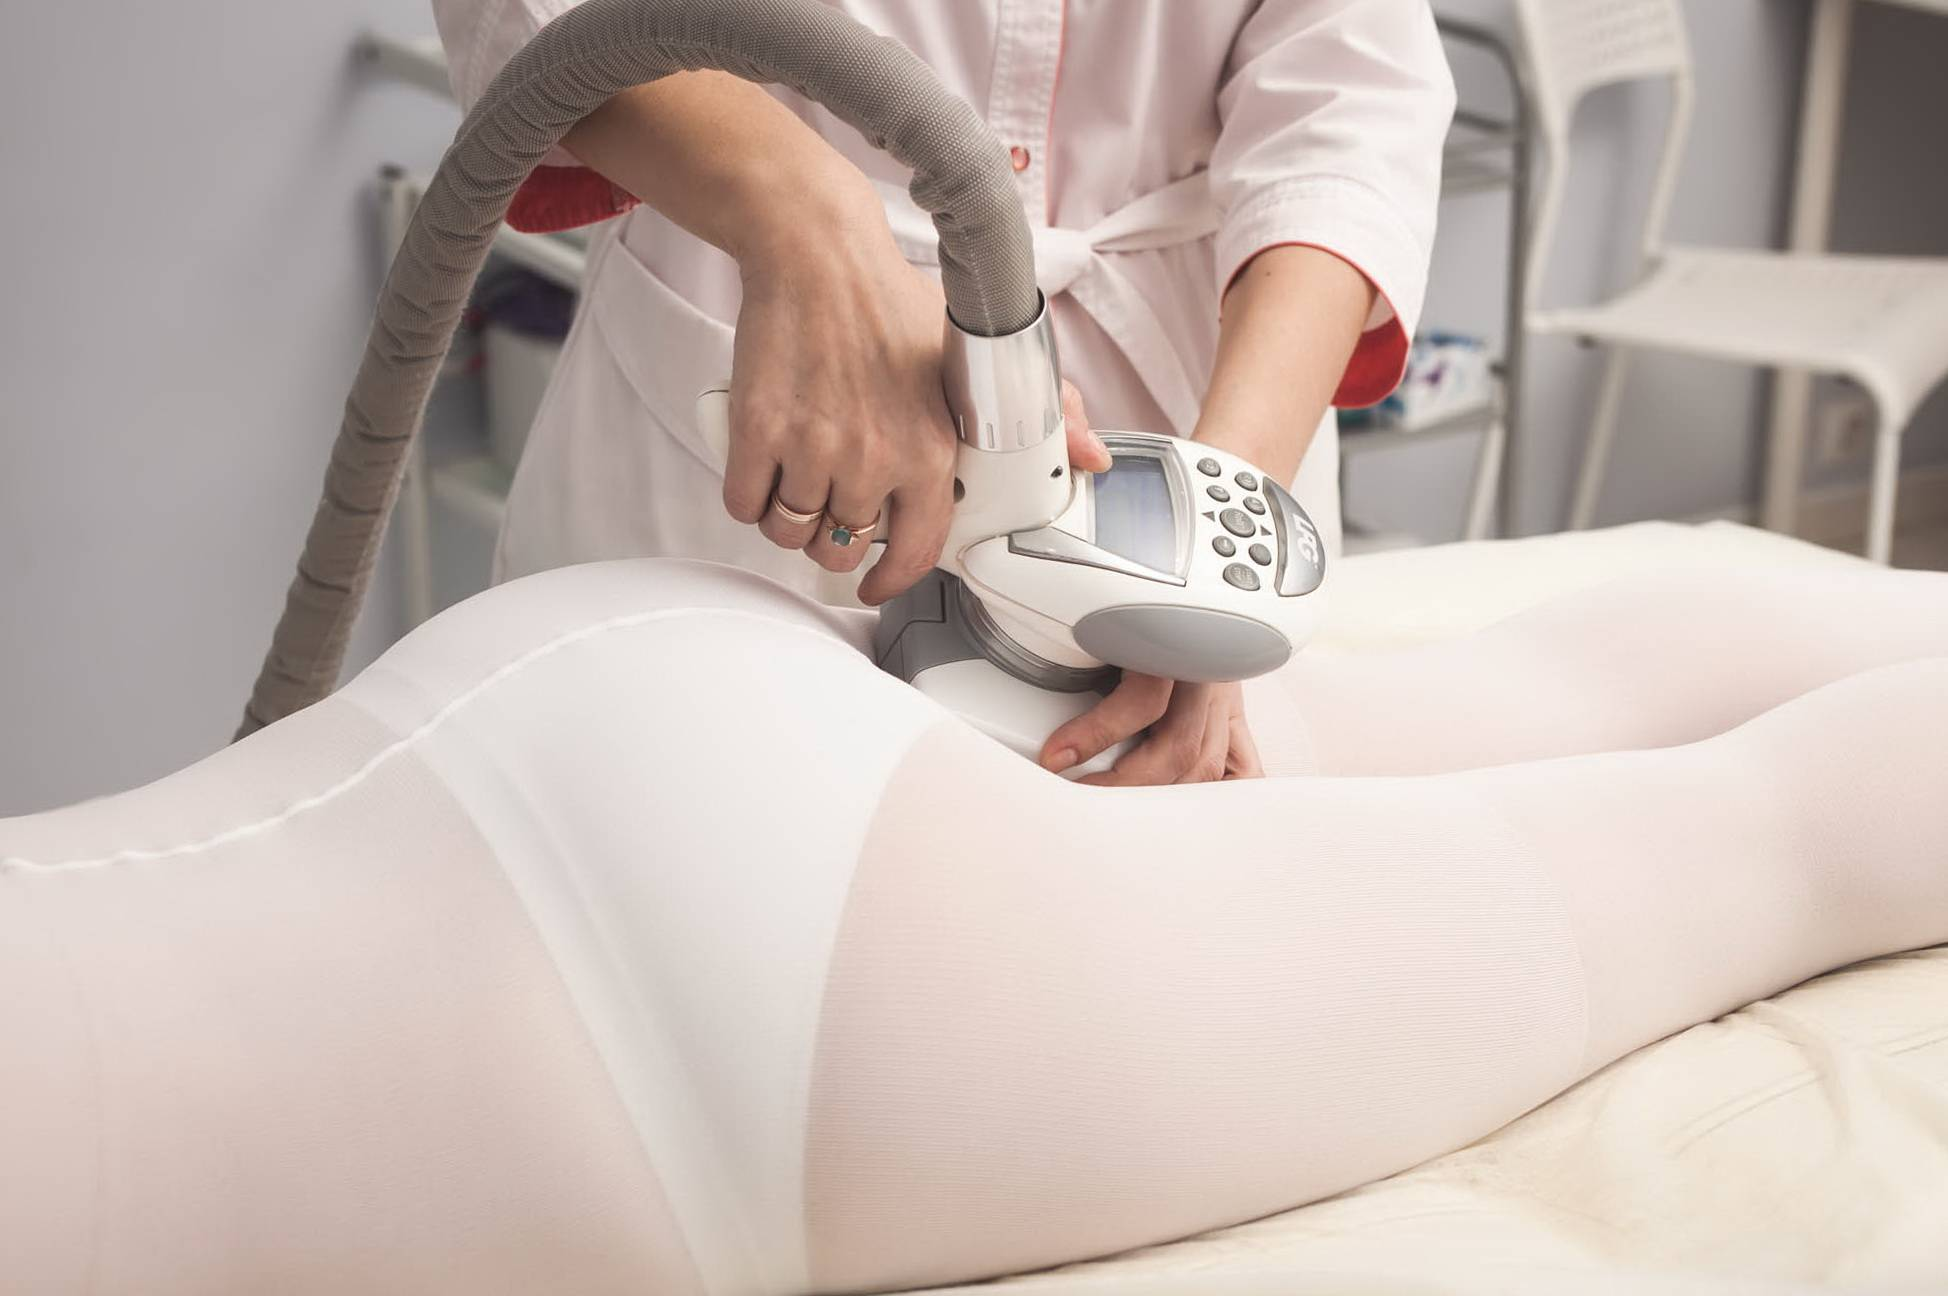 Можно ли делать антицеллюлитный массаж или нельзя при месячных?